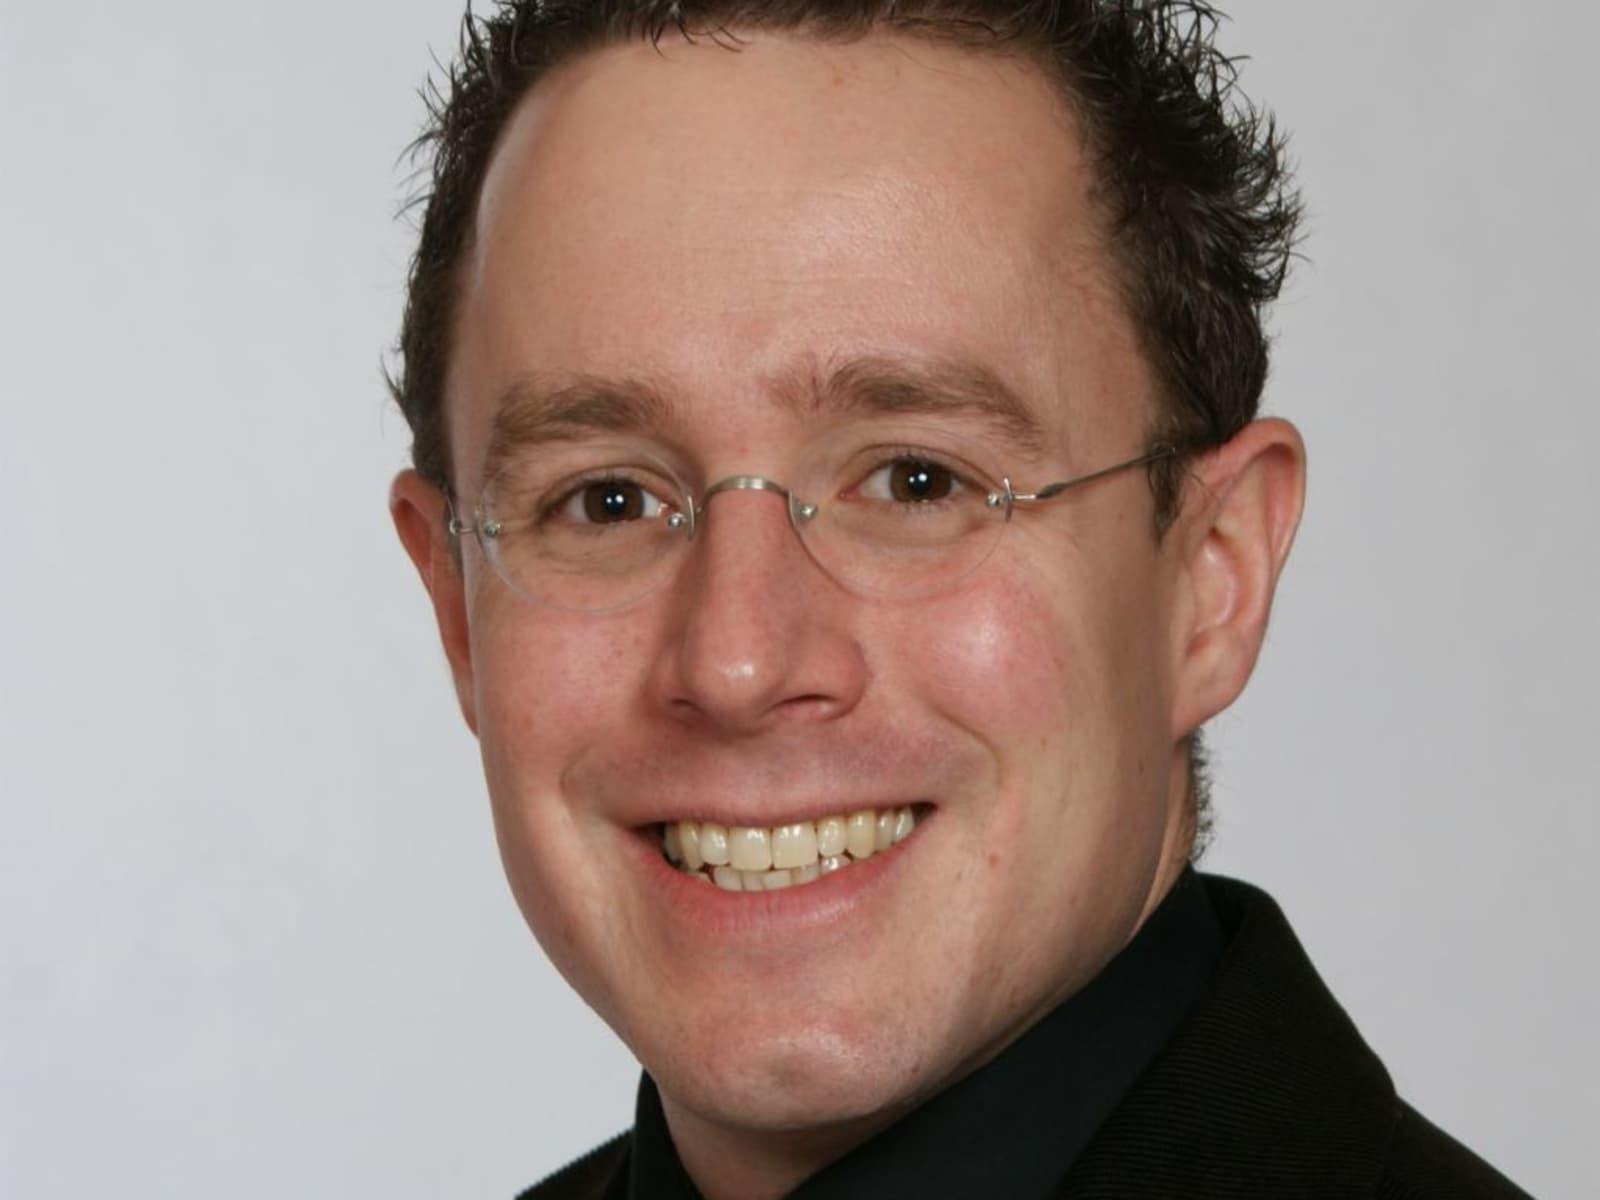 Christoph from Zürich, Switzerland